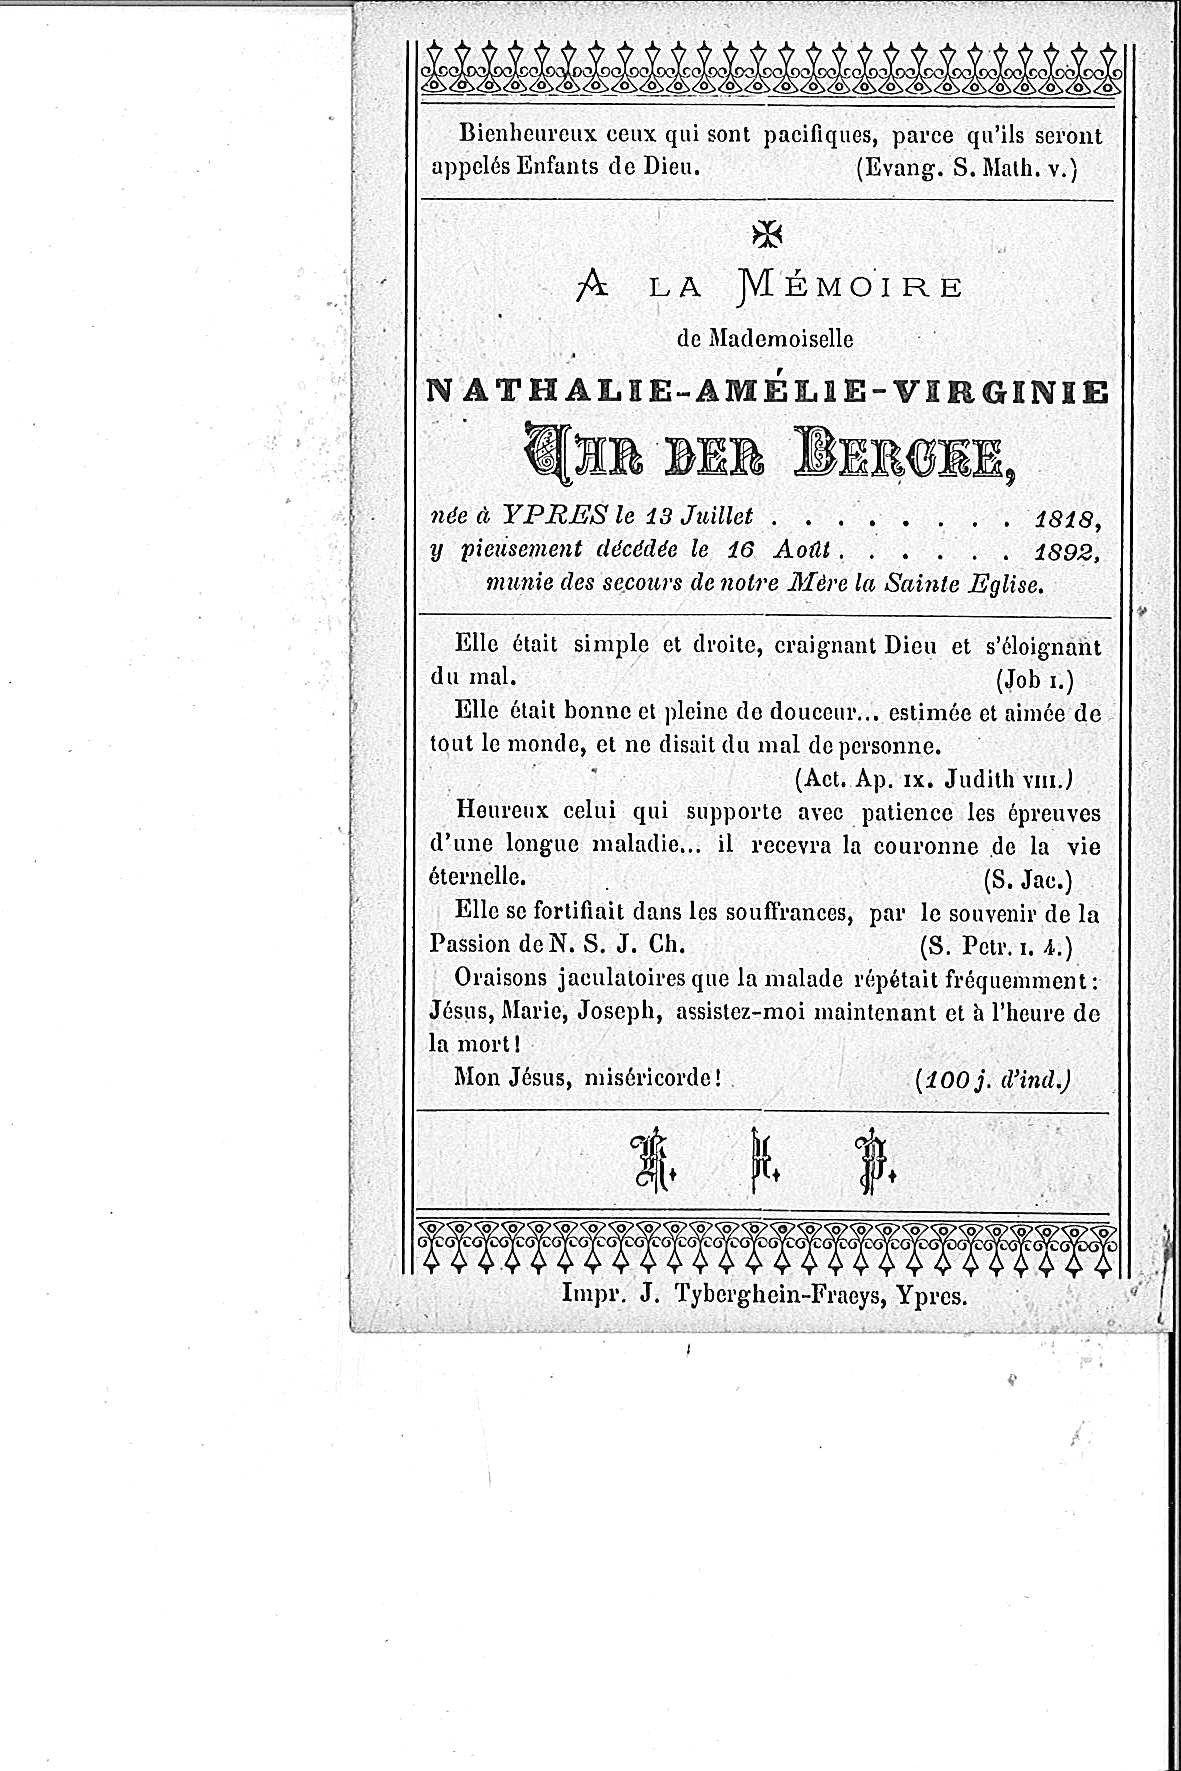 Nathalie_Amélie_Virginie(1892)20150805162507_00046.jpg